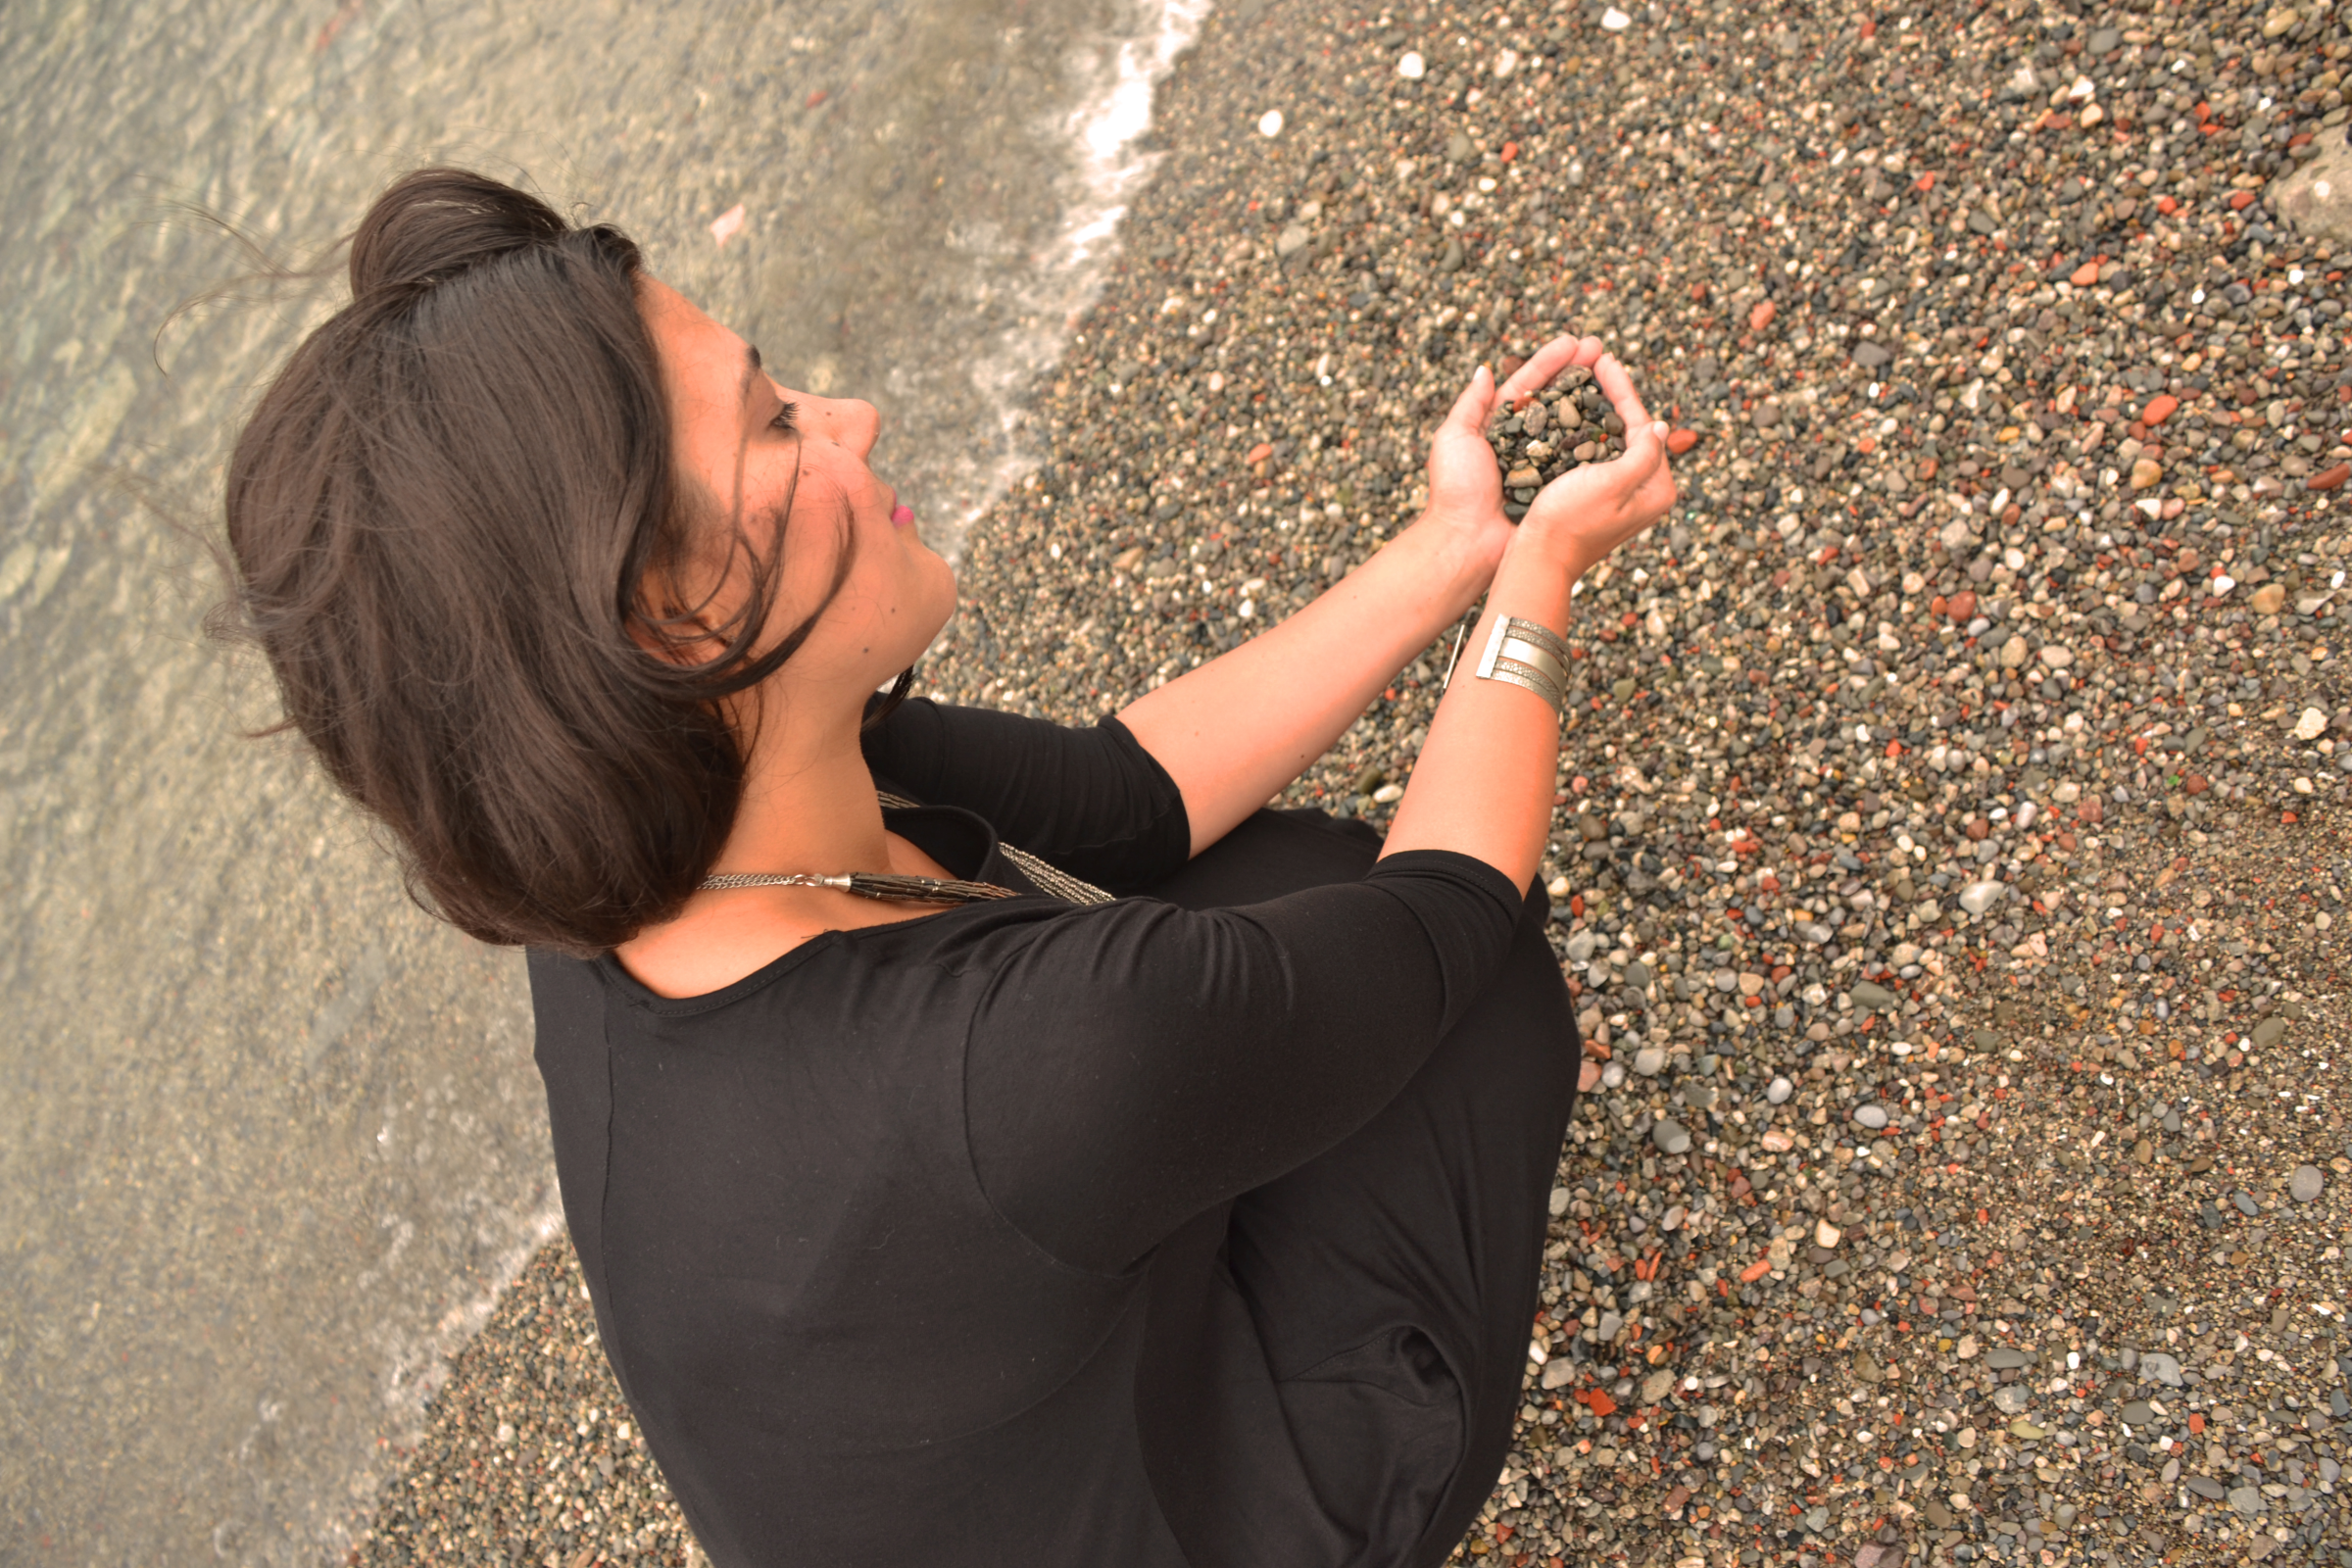 DSC_1236a (K holding pebbles)